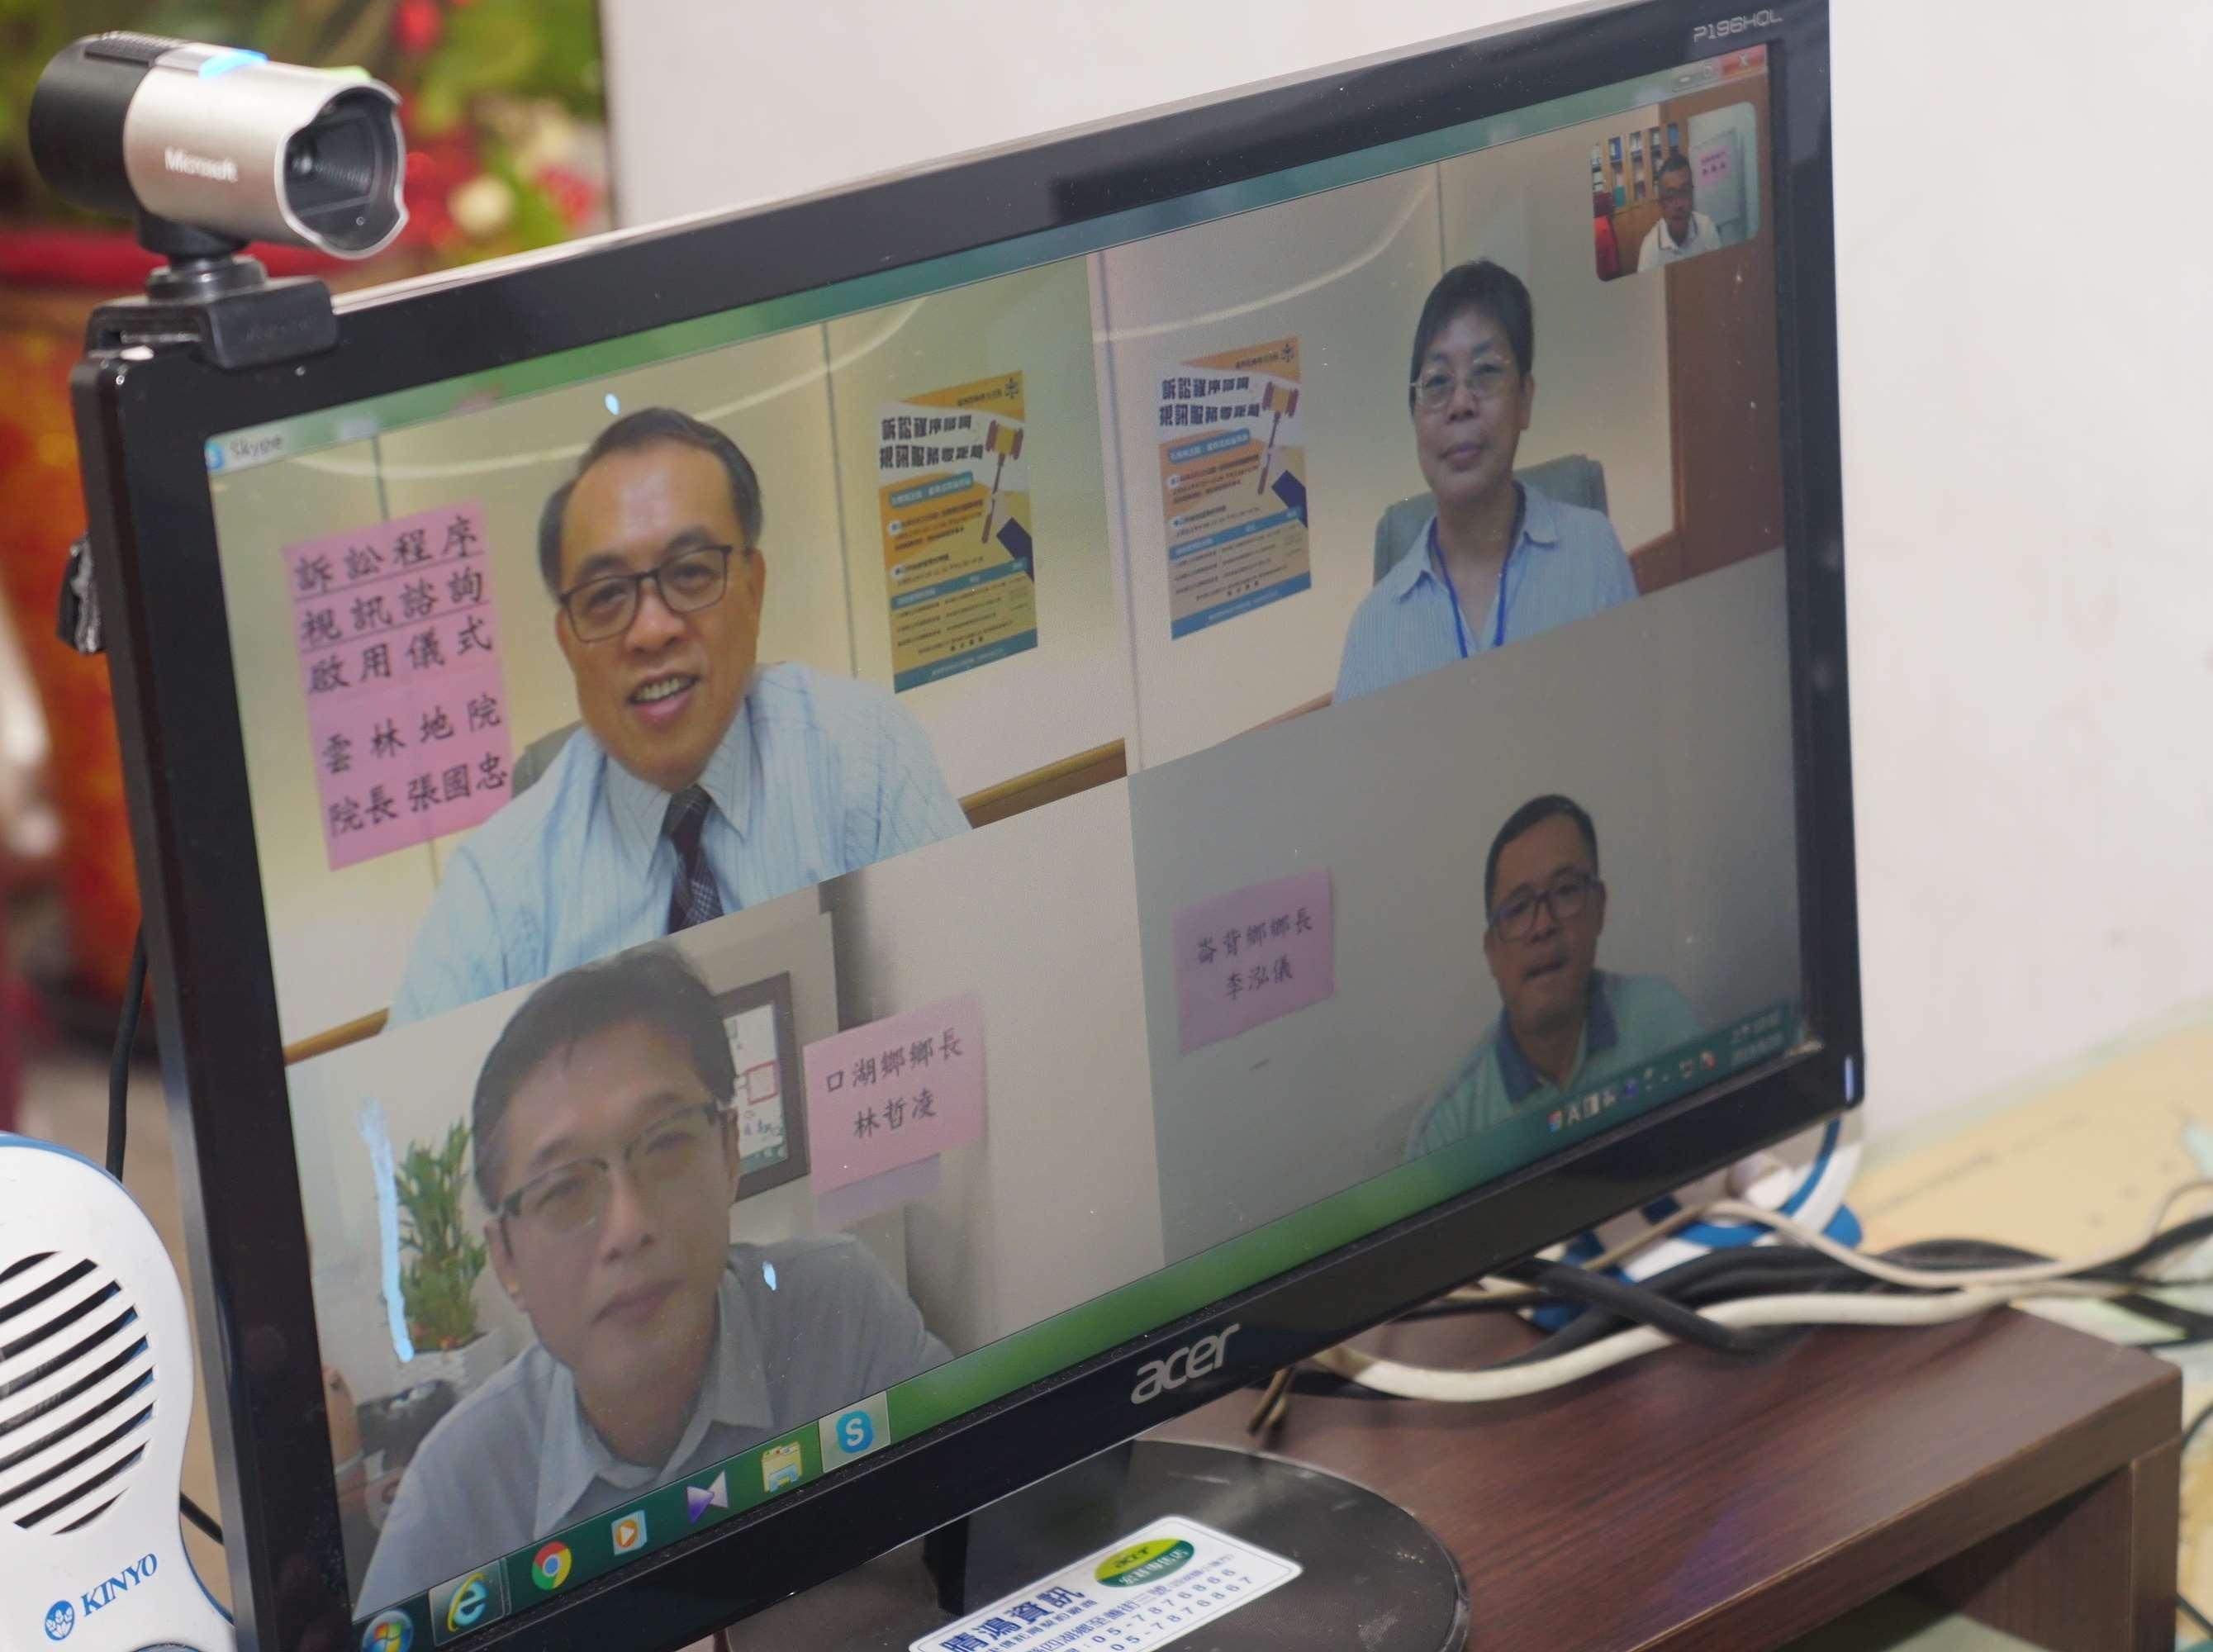 法院啟動訴訟程序諮詢視訊服務便民措施